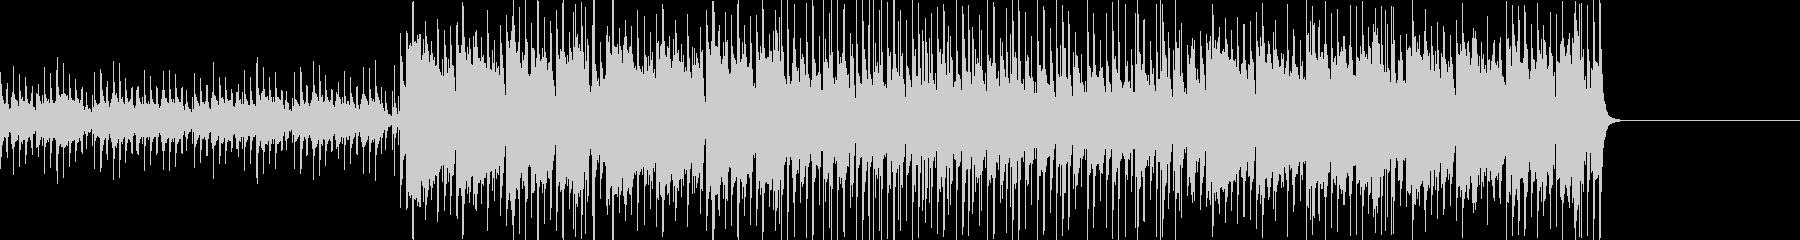 和楽器を使用した日本風ポップスの未再生の波形